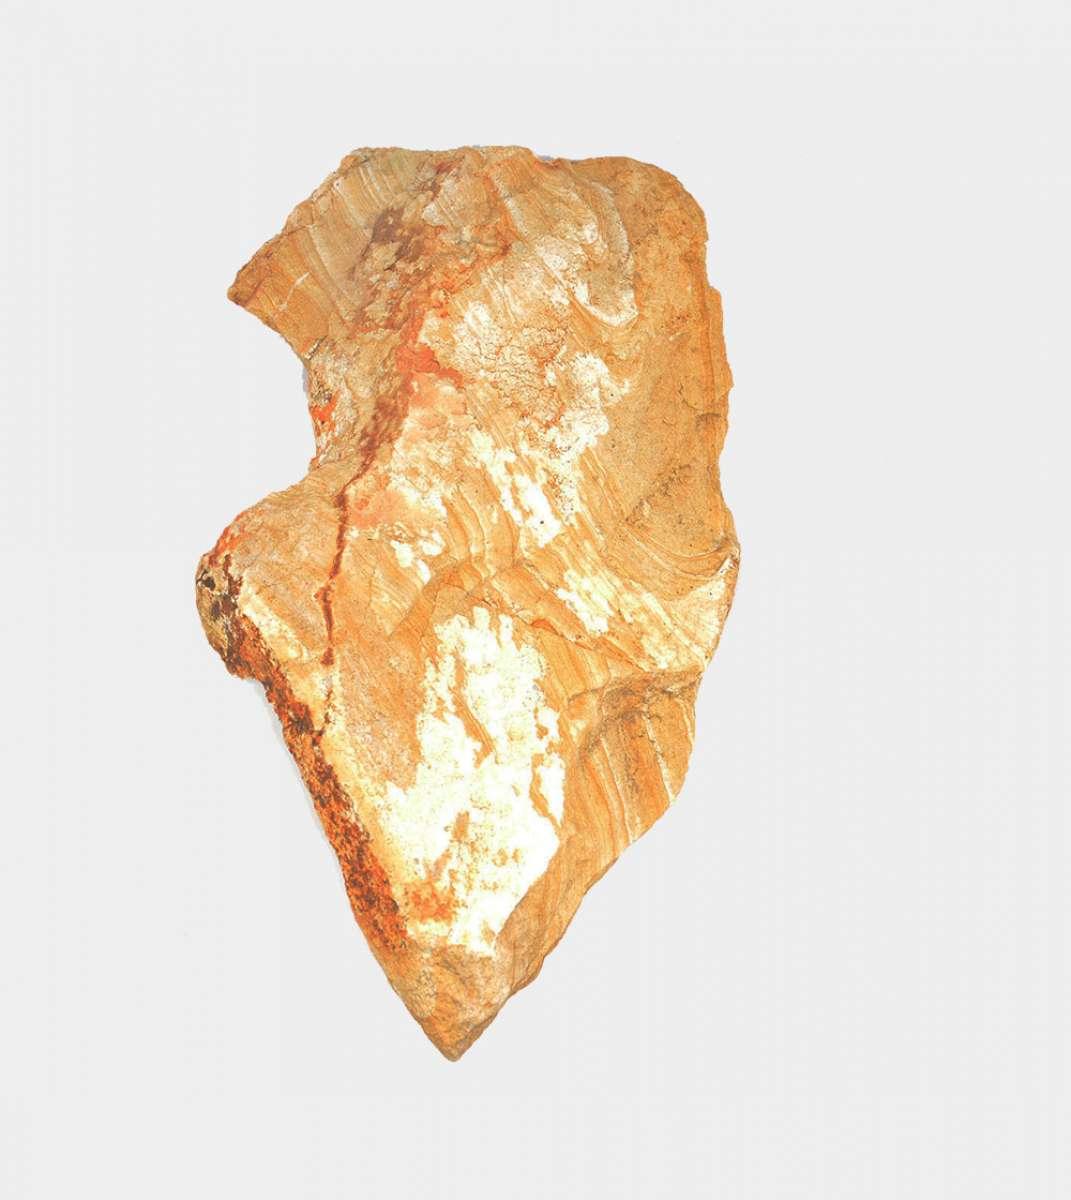 Revestimientos fabrica orellana cuenca ecuador - Revestimientos piedra natural ...